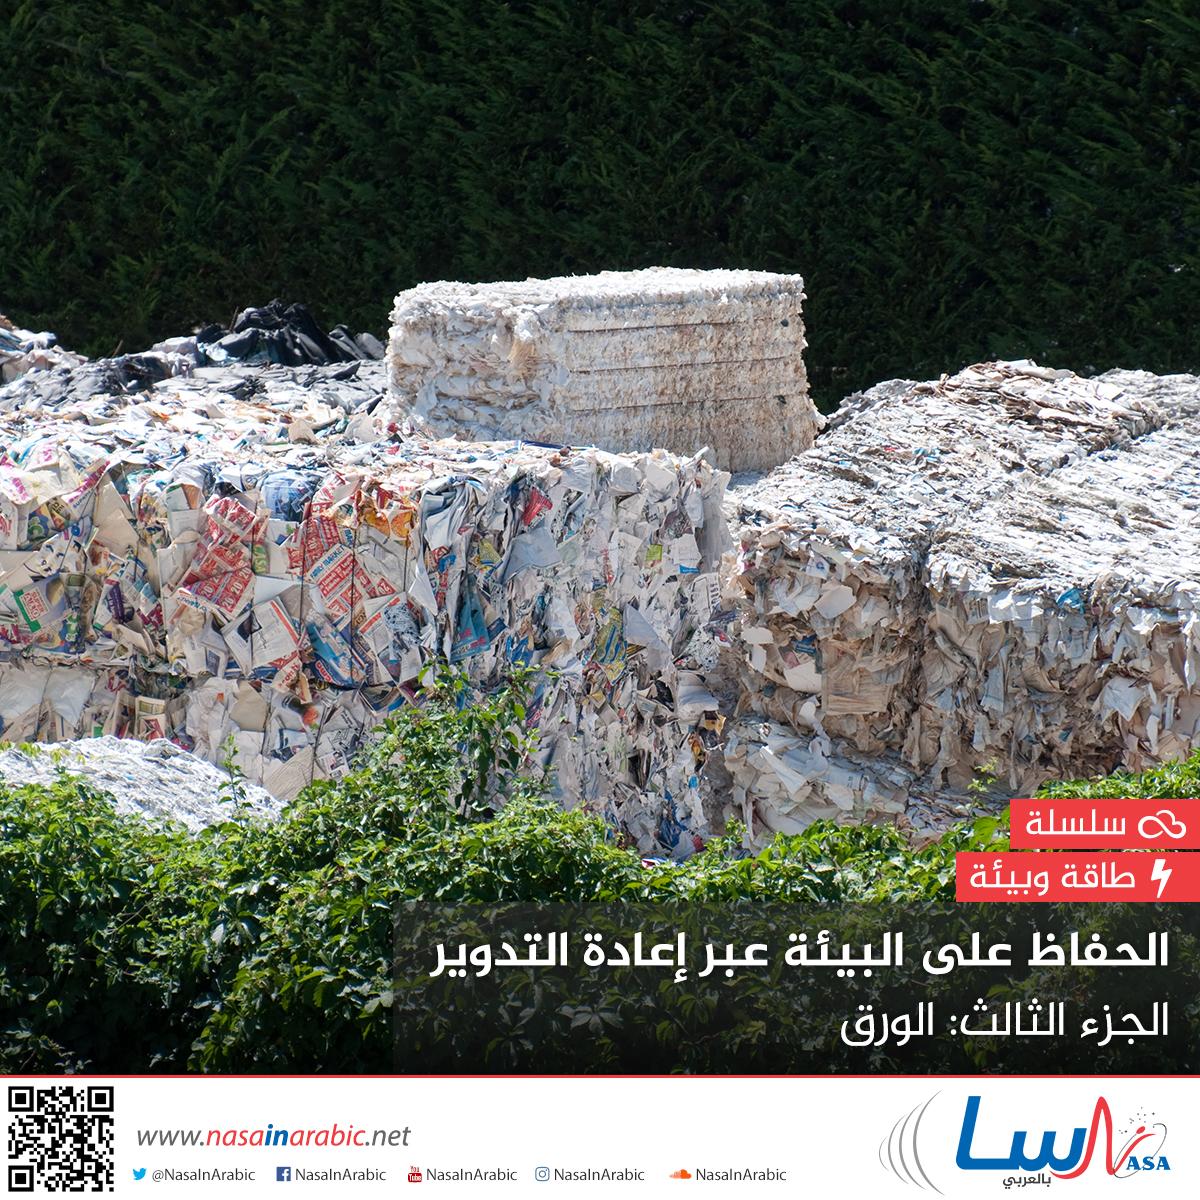 الحفاظ على البيئة عبر إعادة التدوير الجزء الثالث: الورق